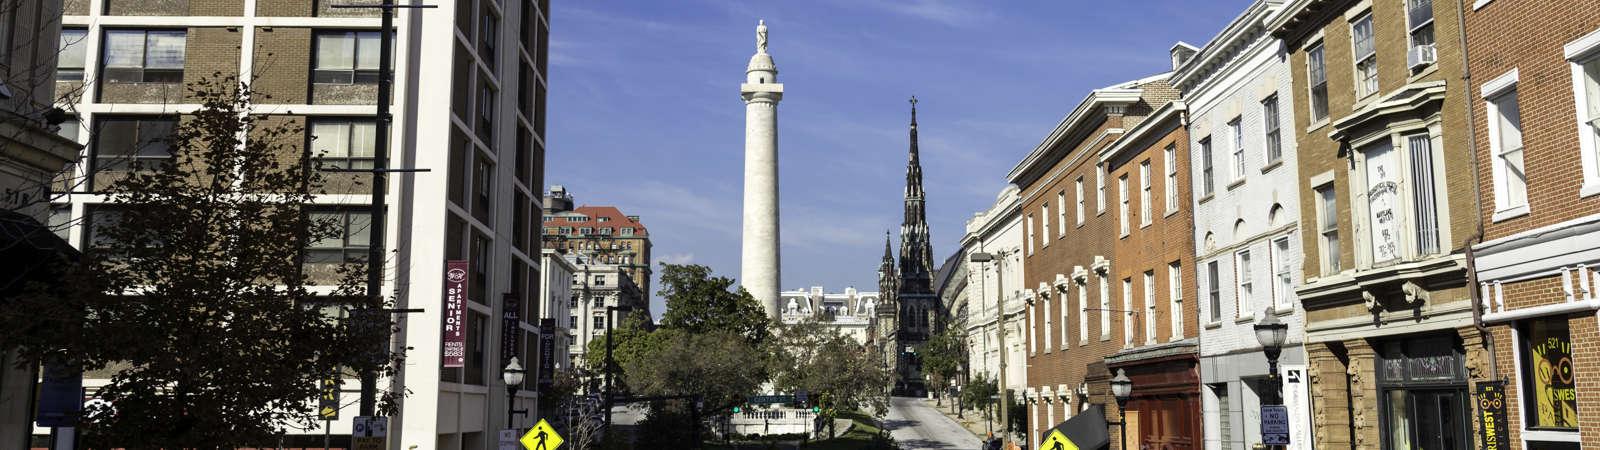 Baltimore Mt Vernon neighborhood and Washington Monument